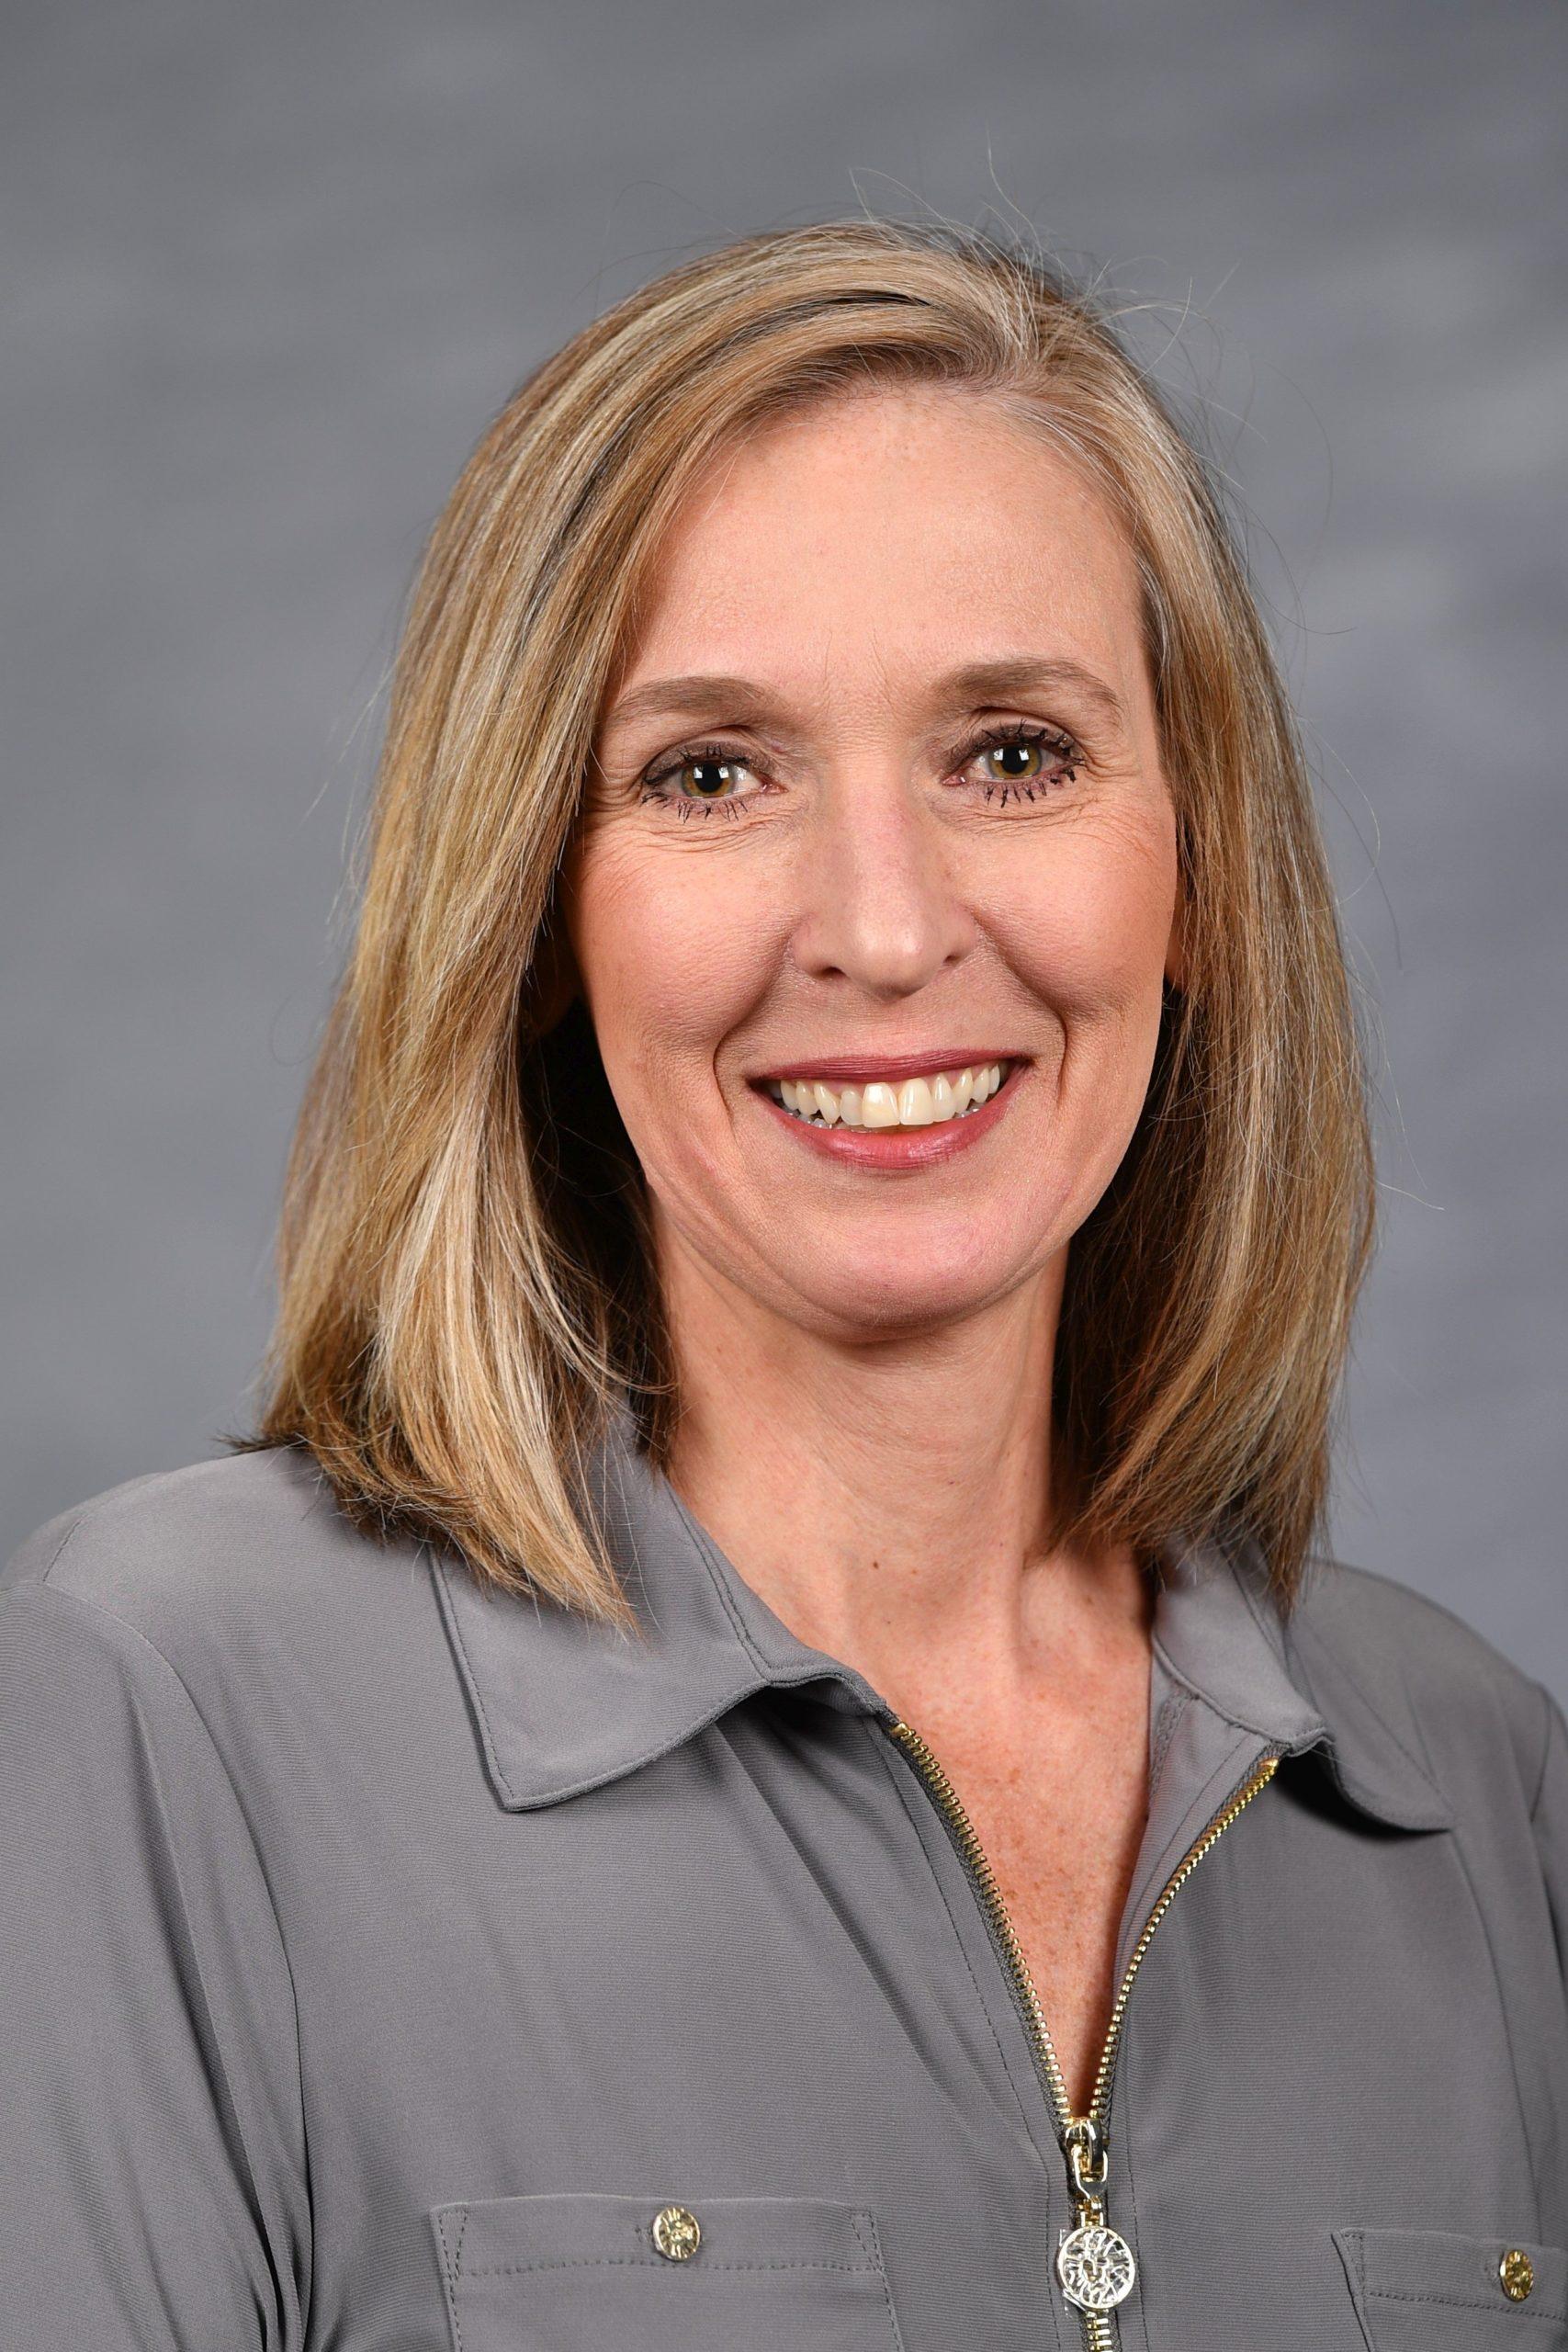 Linda Infranco